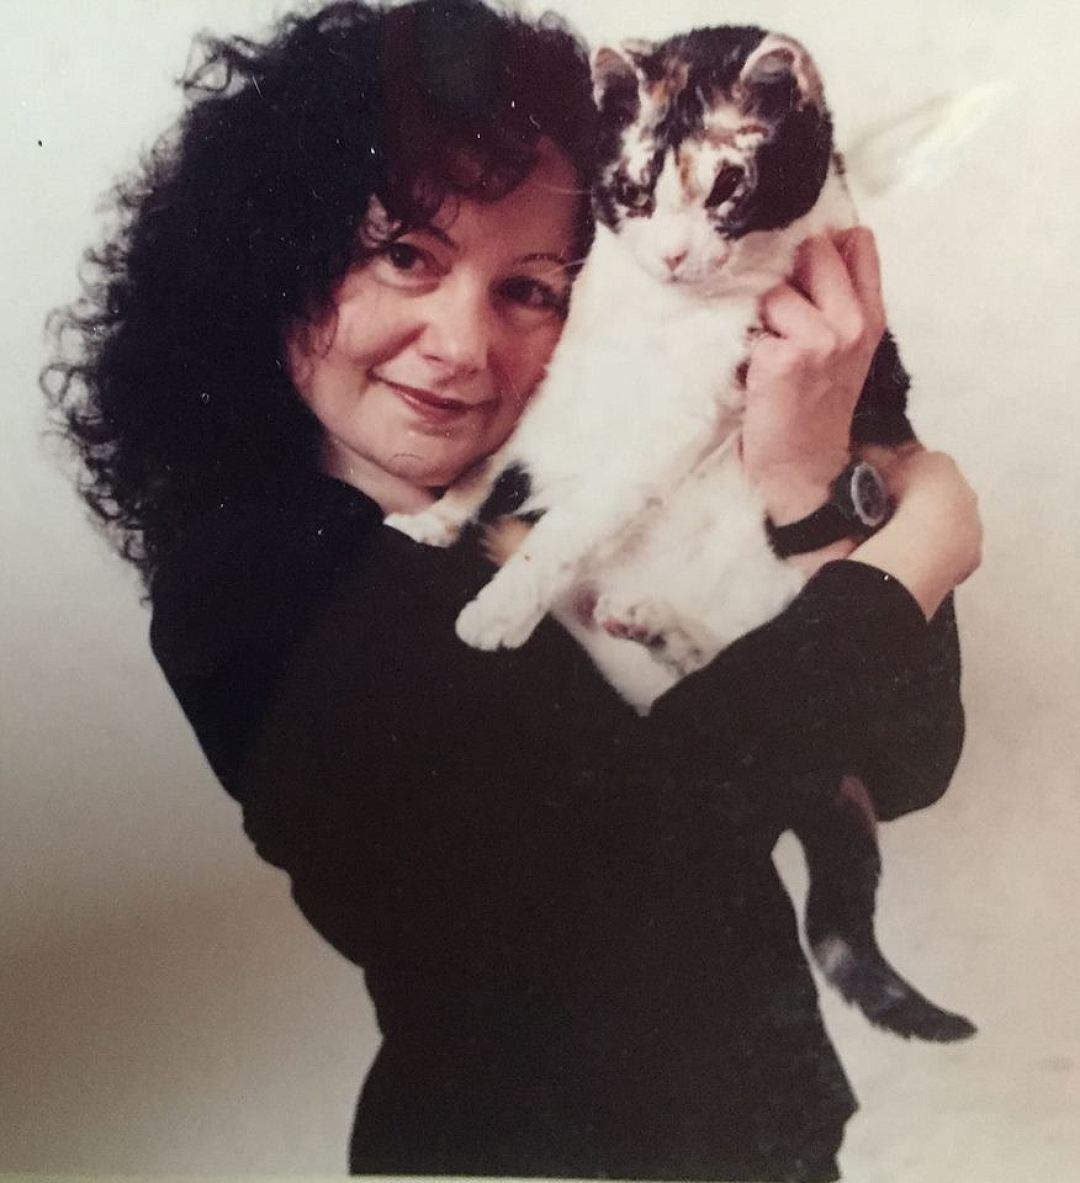 Карен Уэллен обещала представителям Лиги защиты животных, что будет заботиться о Скарлетт, как о родном ребёнке. И сдержала своё слово. Фото: Личная страничка героя публикации в соцсети